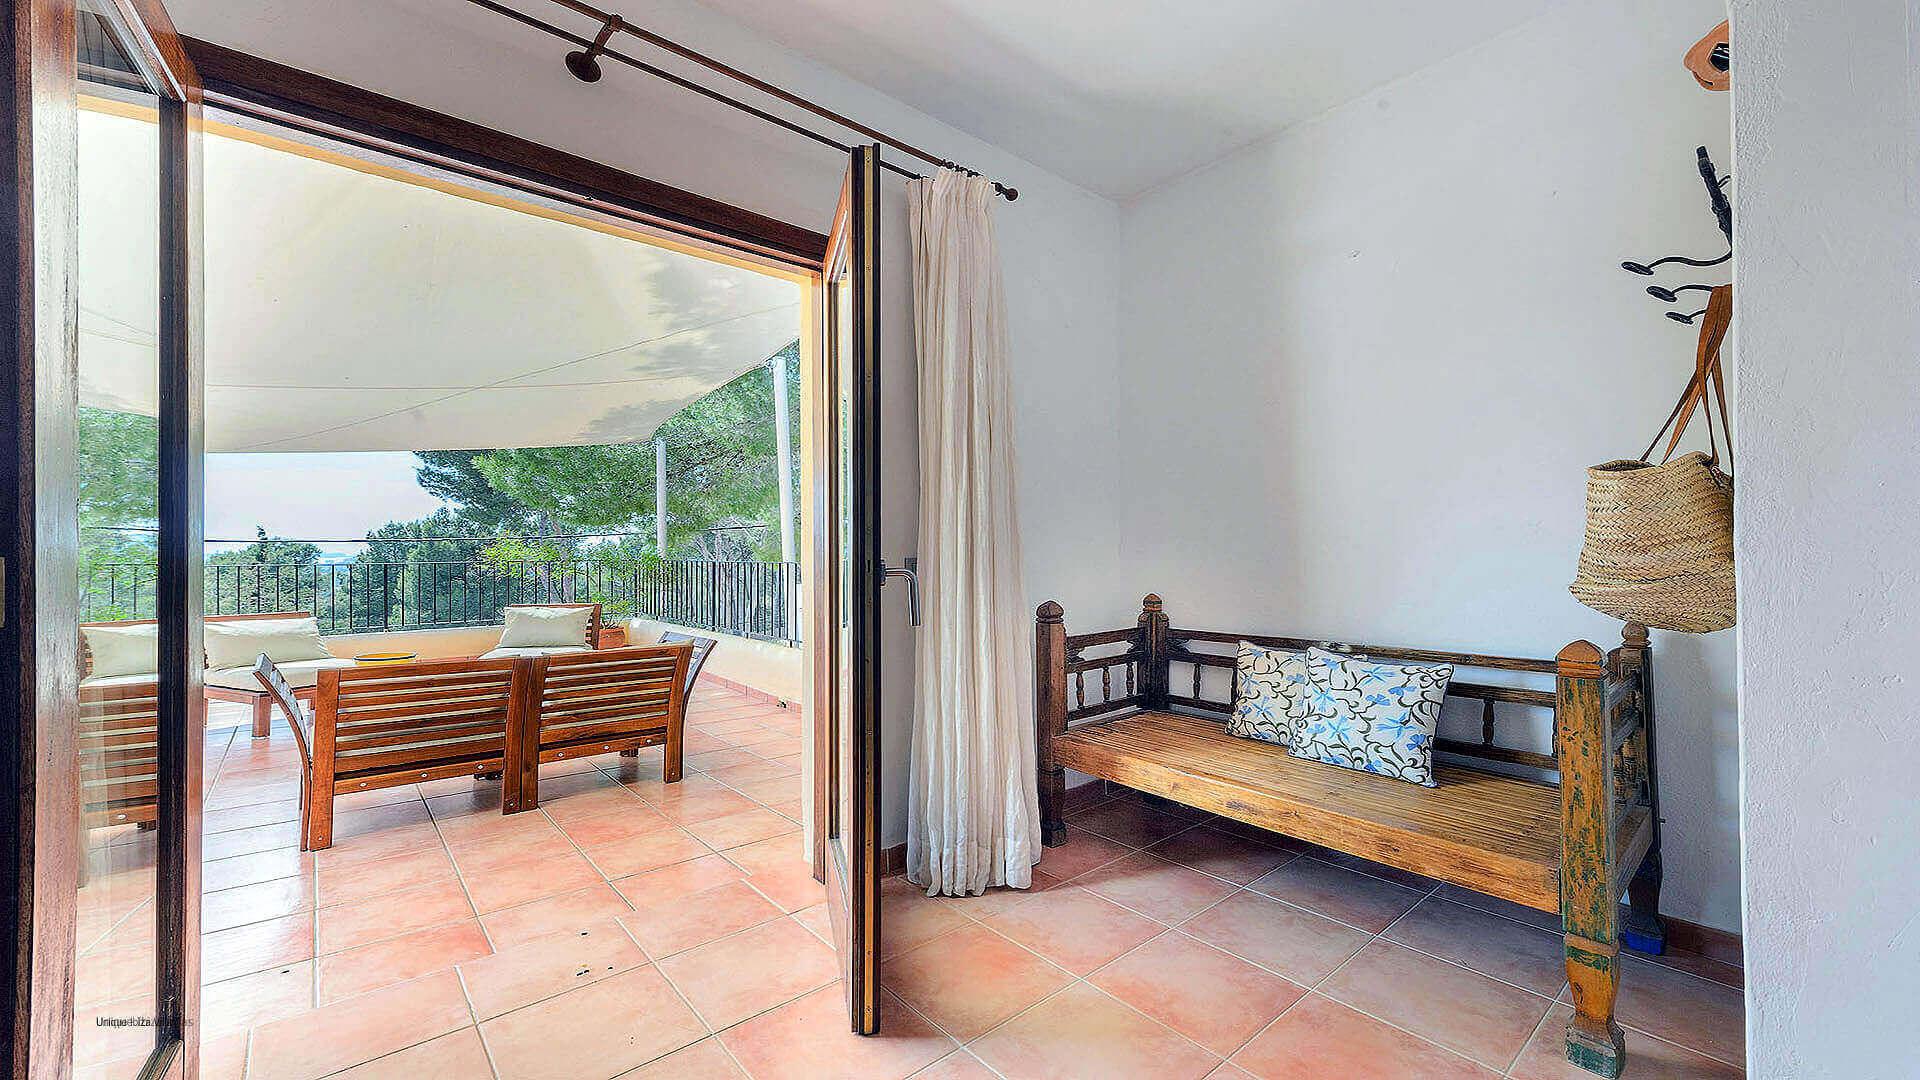 Villa Los Olivos Ibiza 32 Bedroom 1 Terrace